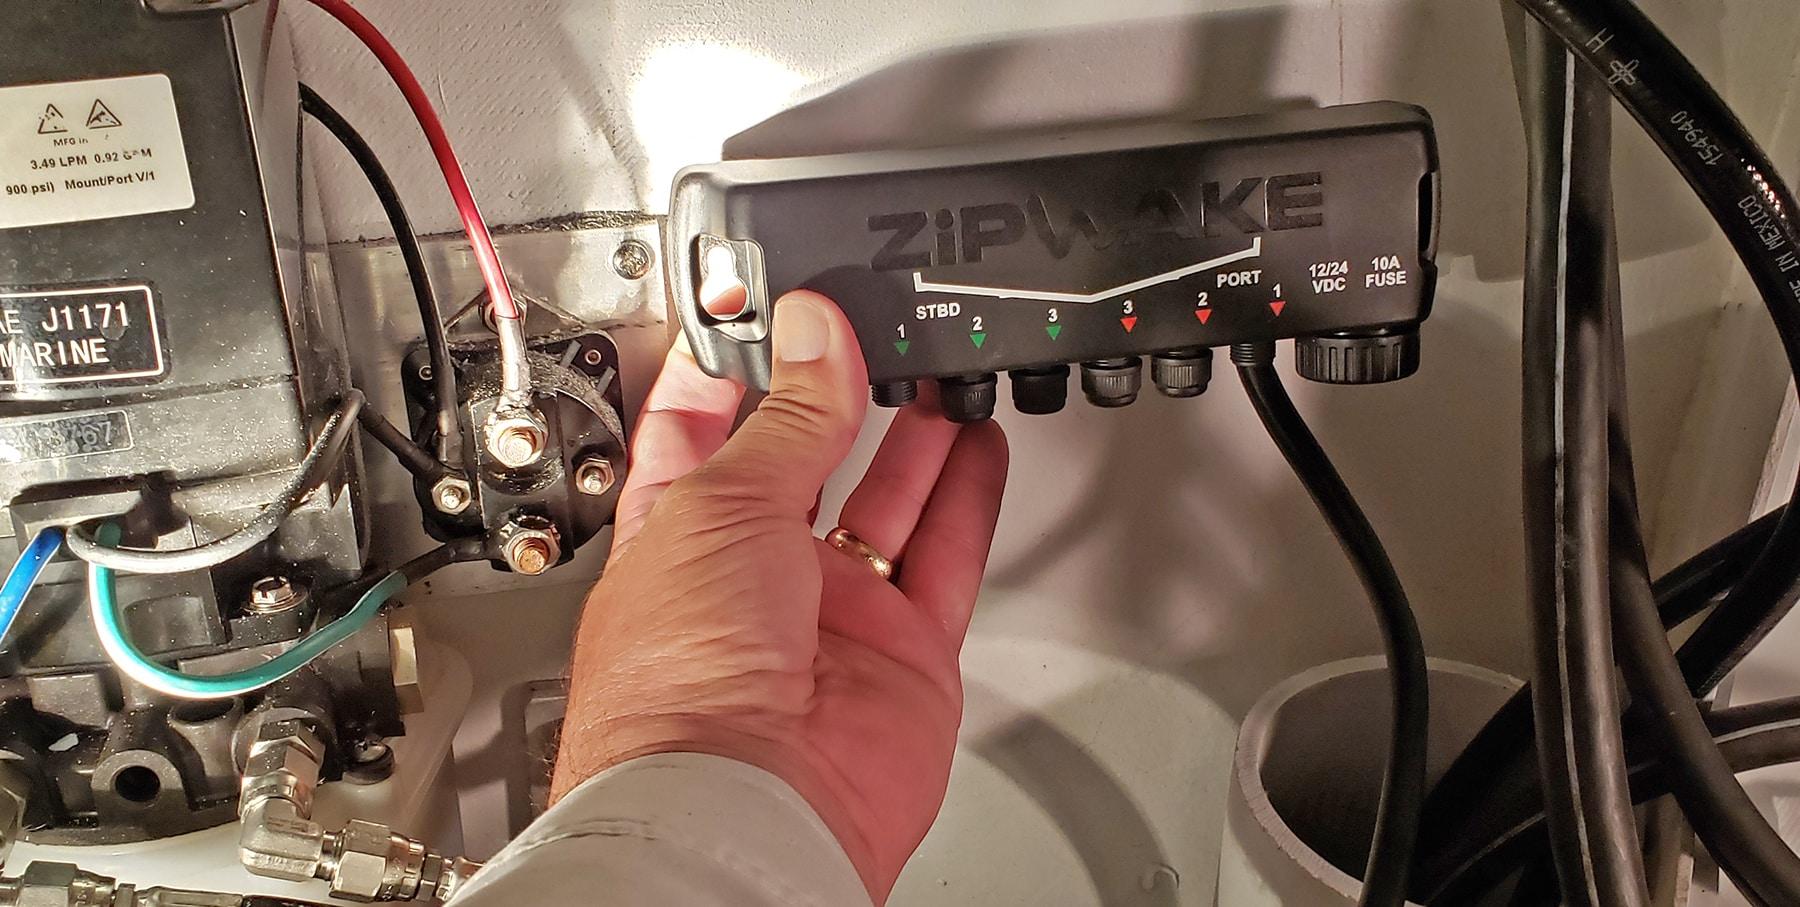 Zipwake trim system